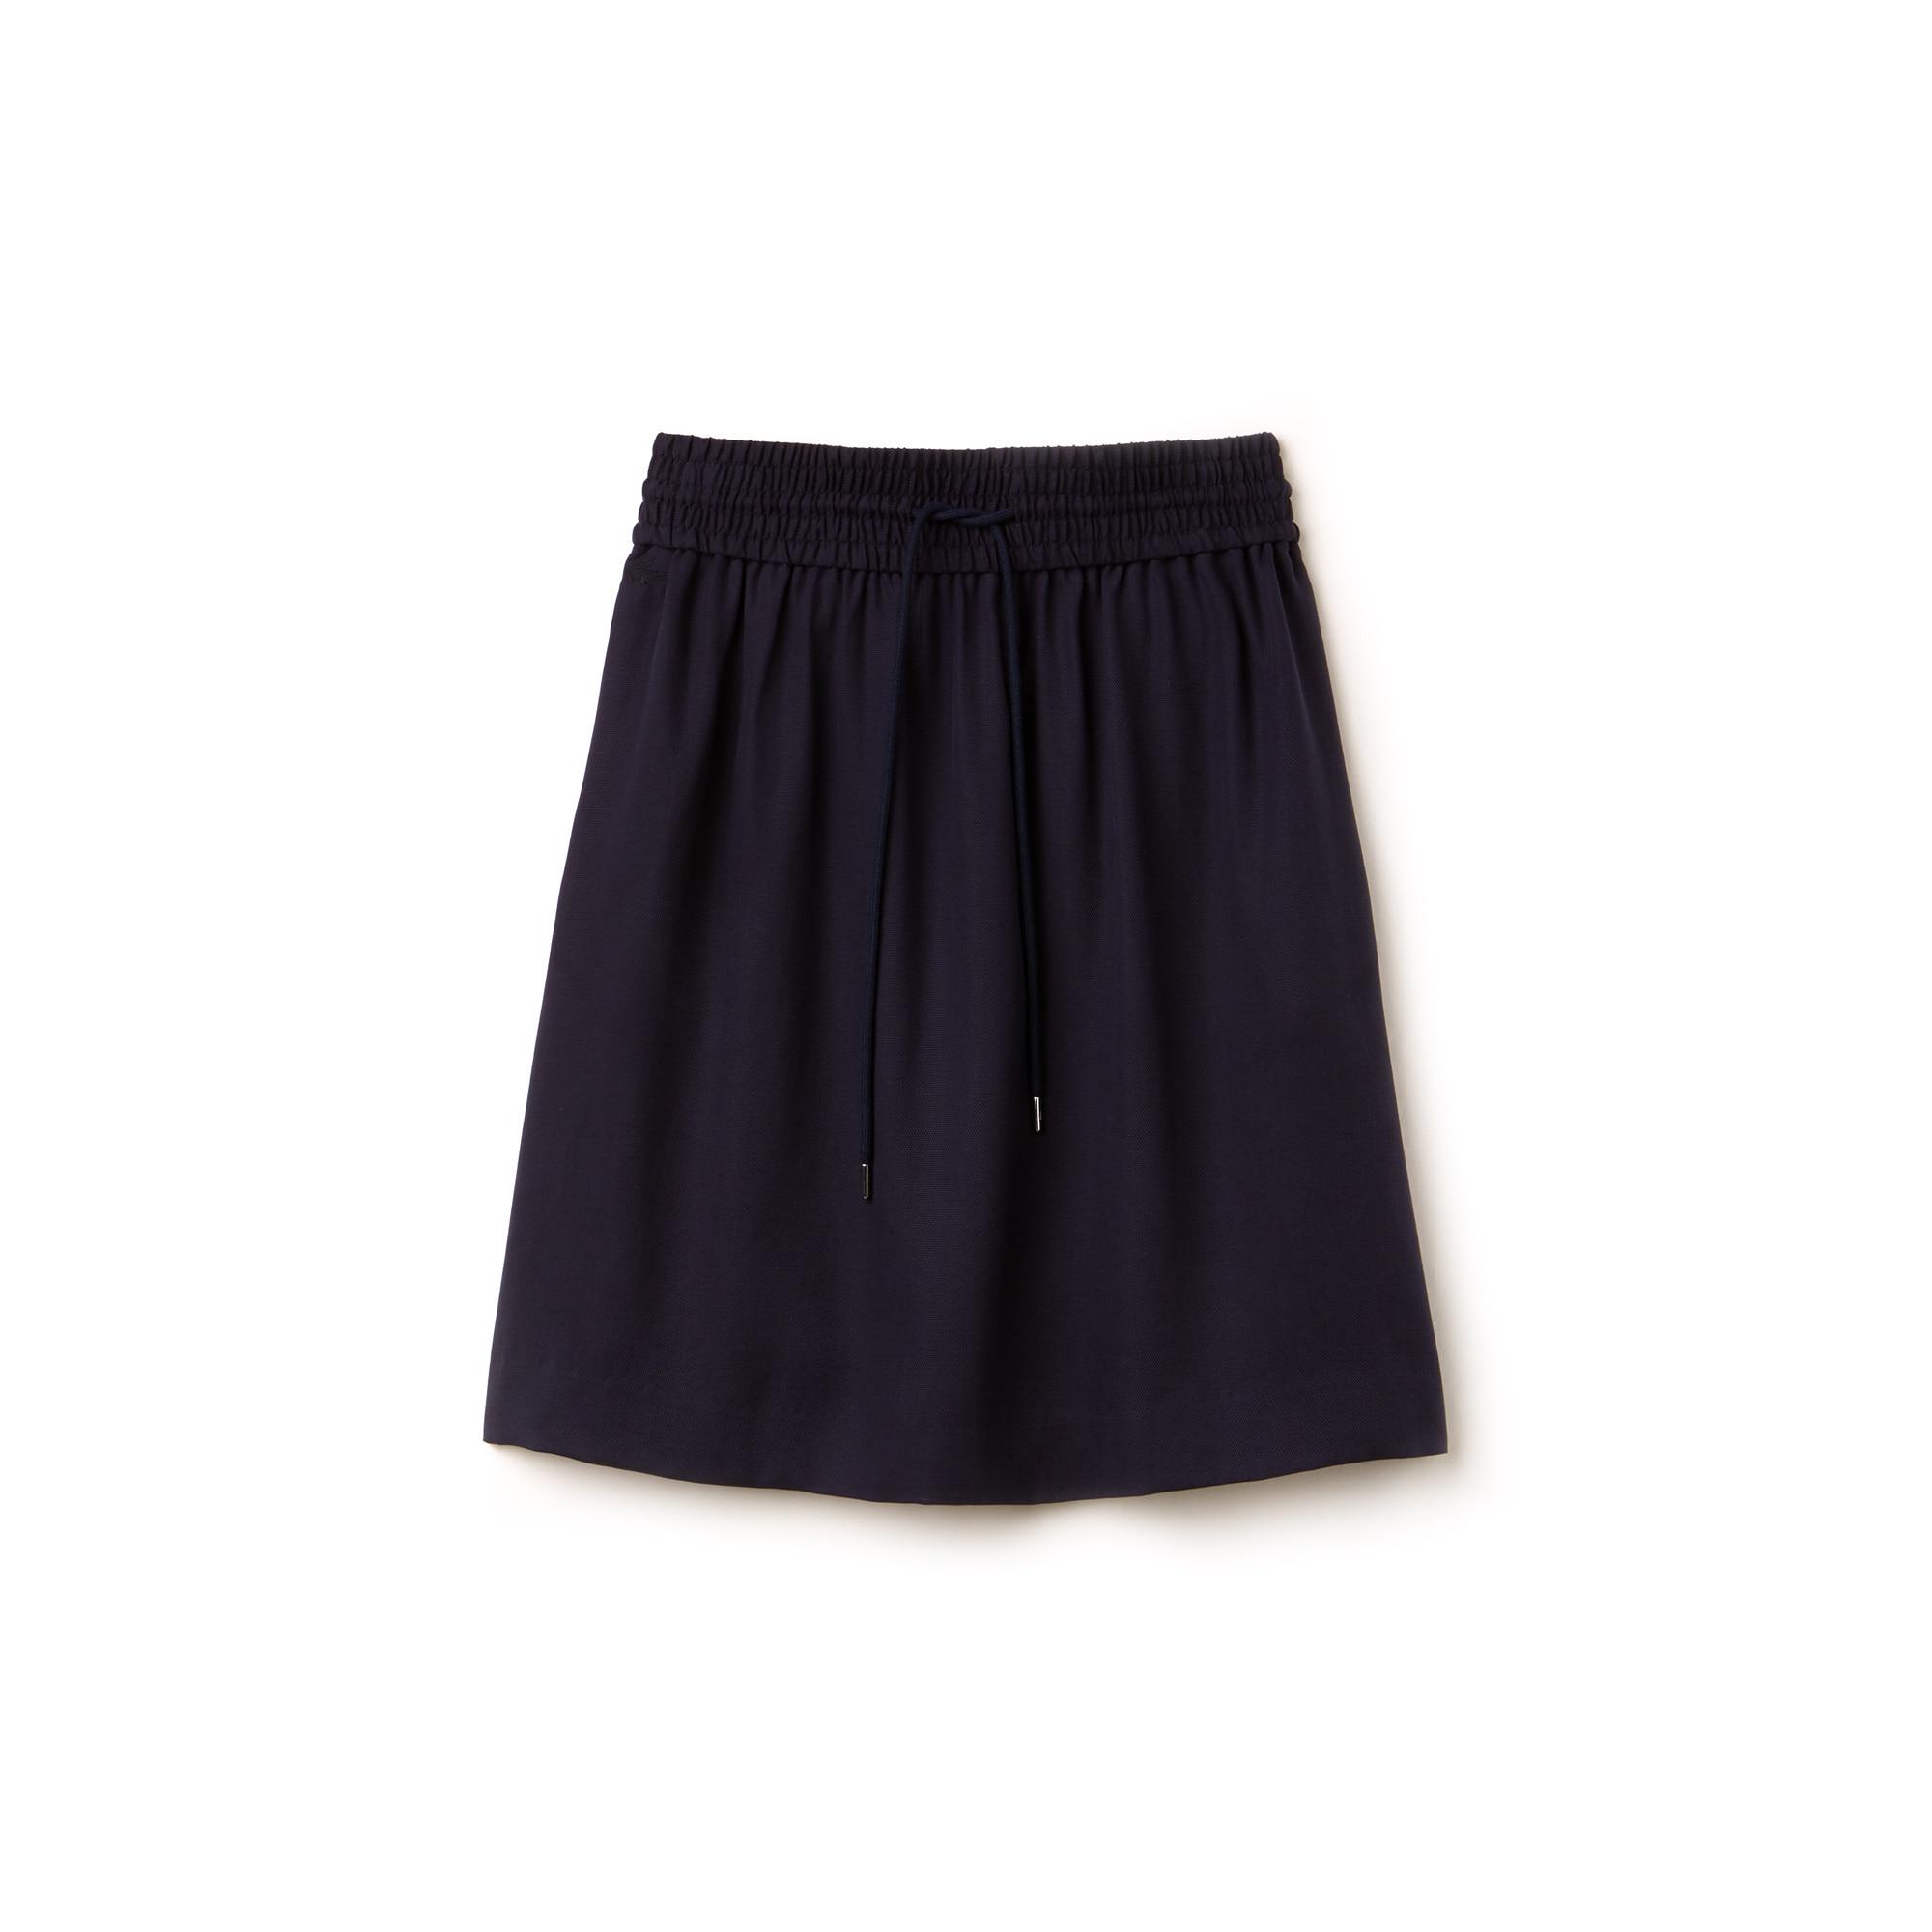 Falda midi de piqué liso con cintura elástica